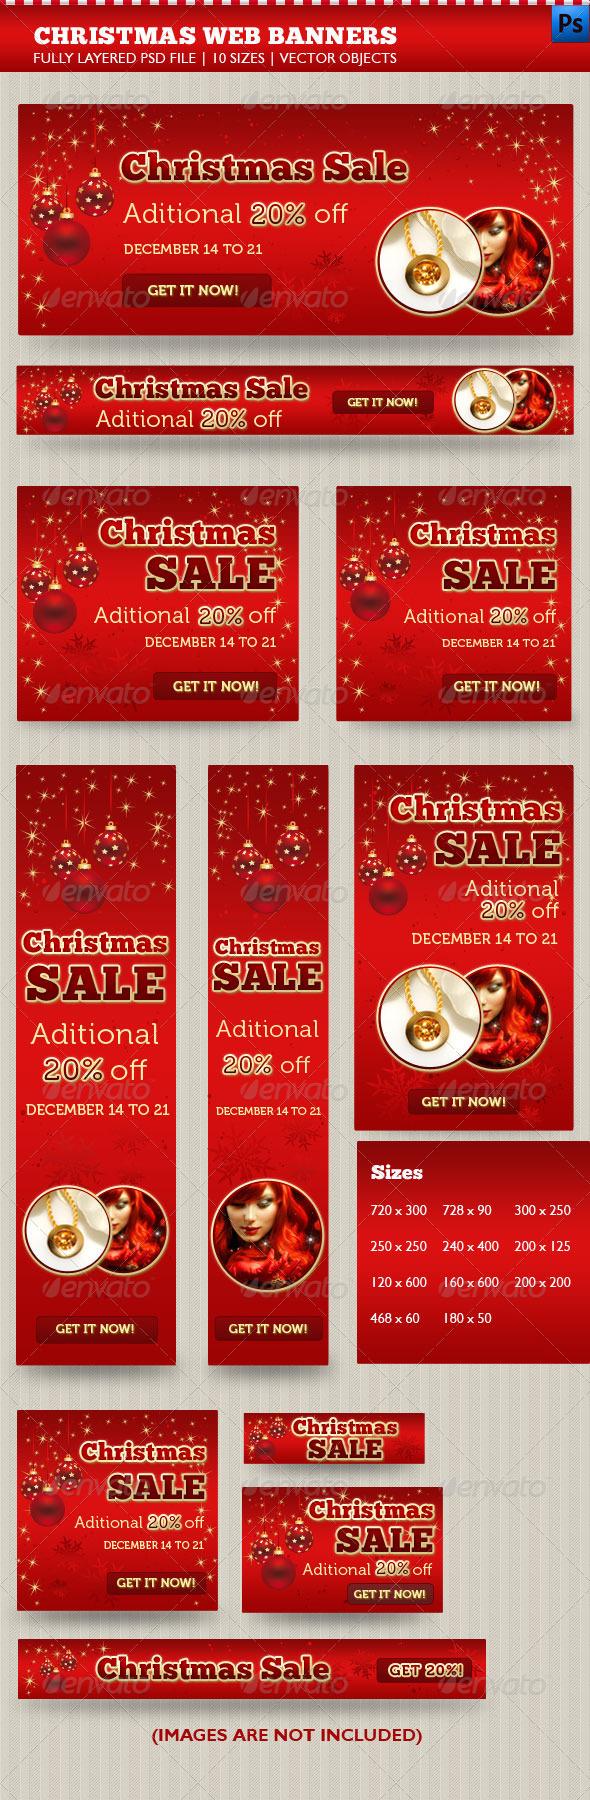 GraphicRiver Christmas Web Banners 3446696